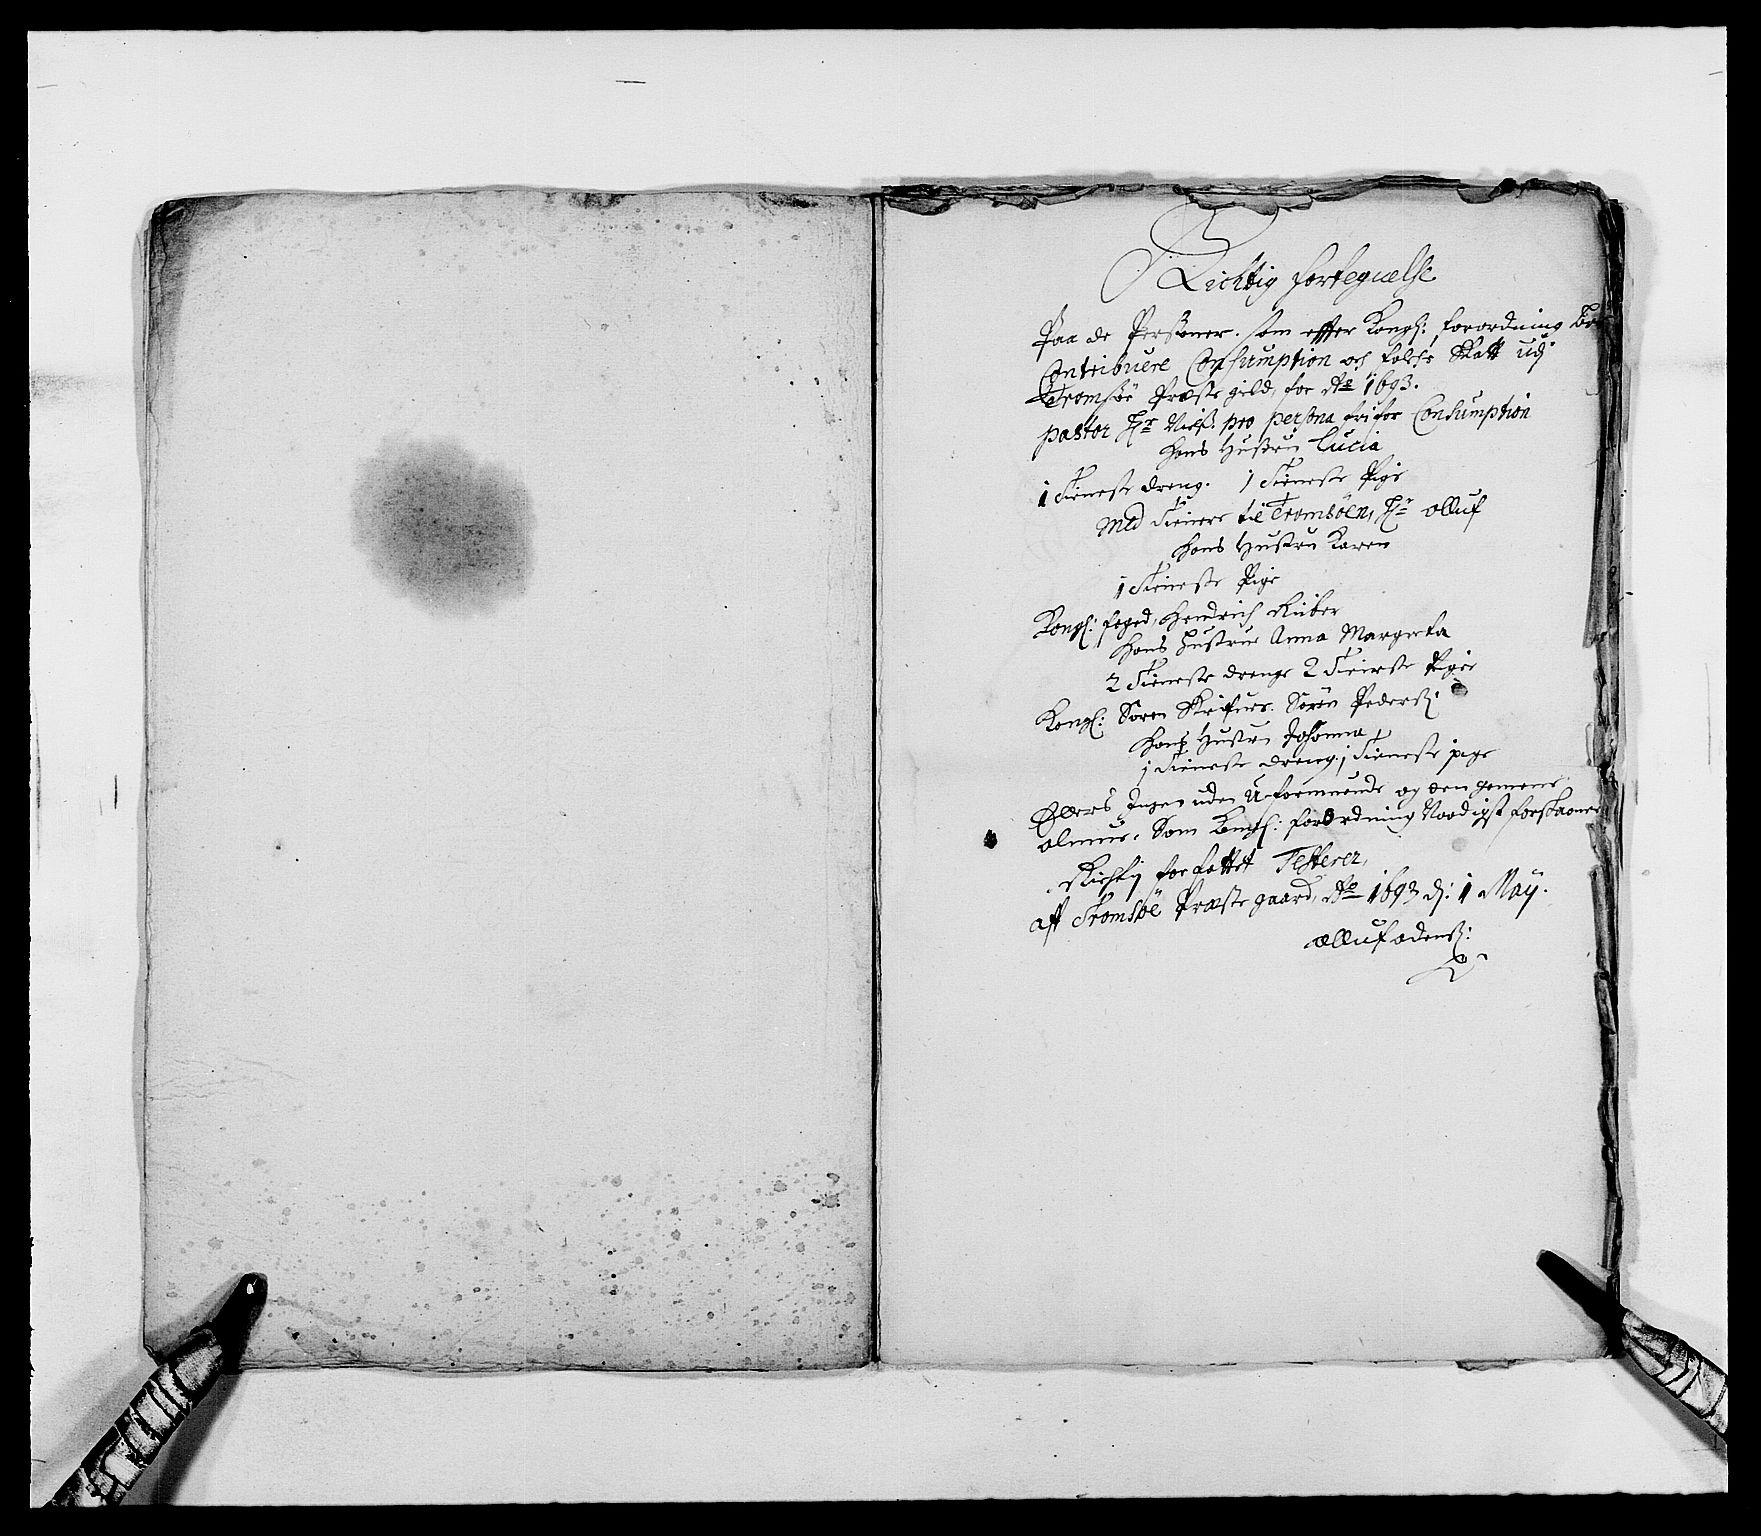 RA, Rentekammeret inntil 1814, Reviderte regnskaper, Fogderegnskap, R68/L4751: Fogderegnskap Senja og Troms, 1690-1693, s. 321